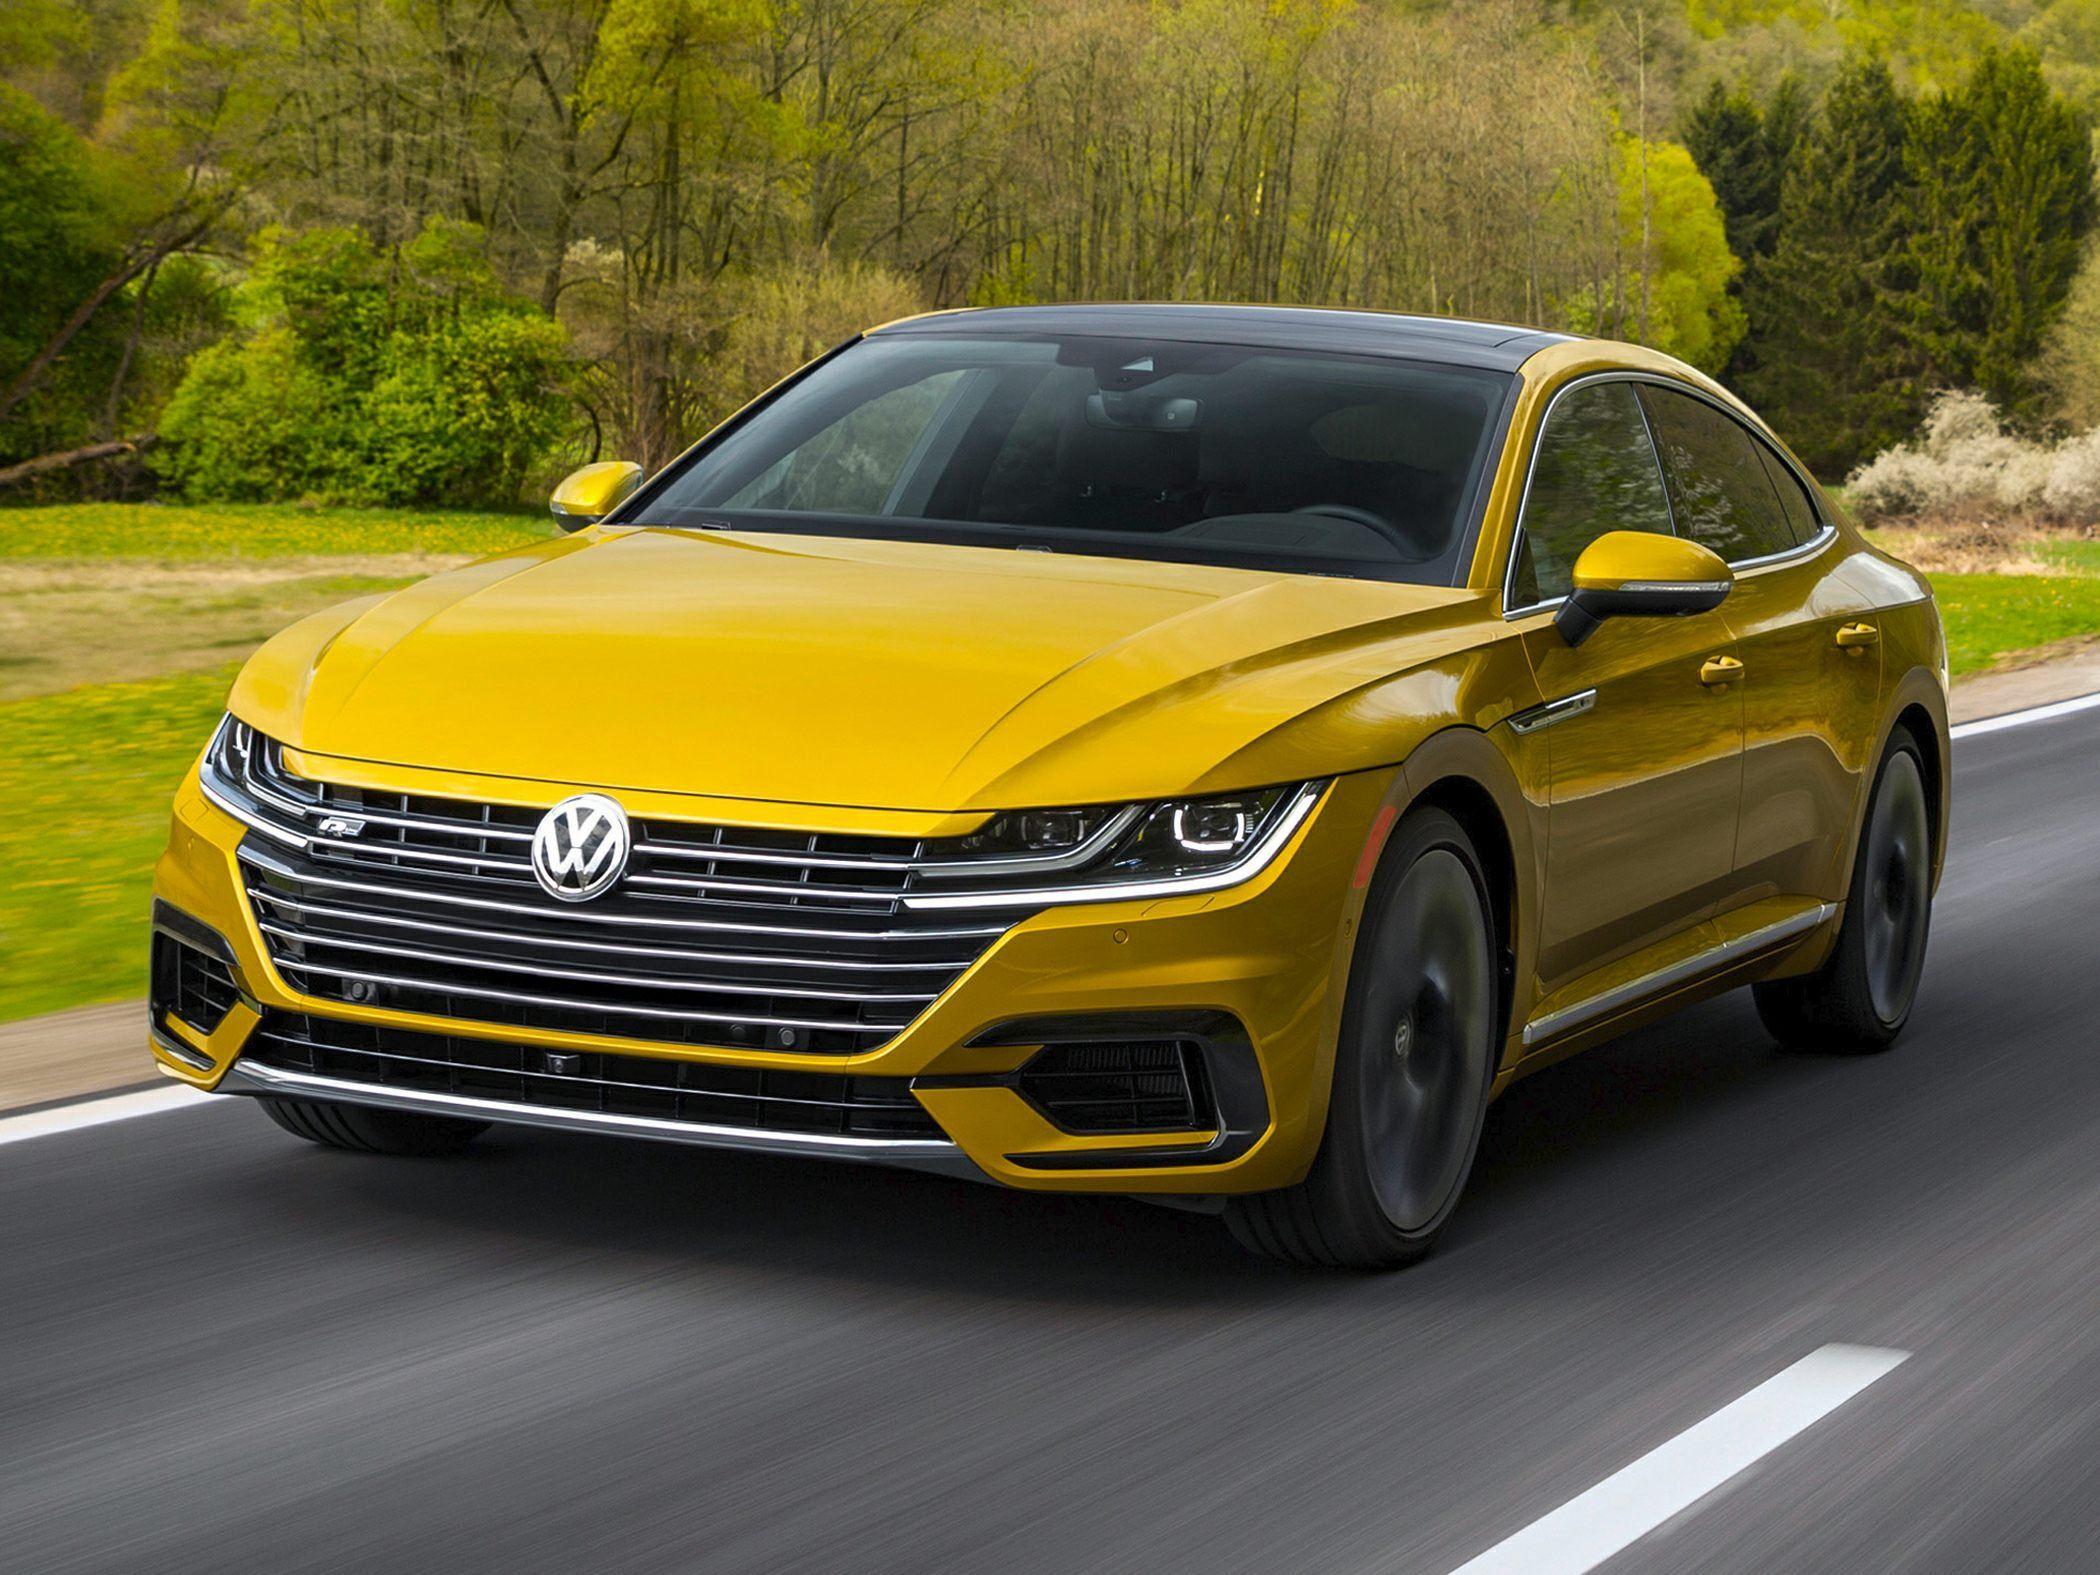 2020 Volkswagen Cross Review And Release Date In 2020 Volkswagen Volkswagen Up Mitsubishi Eclipse